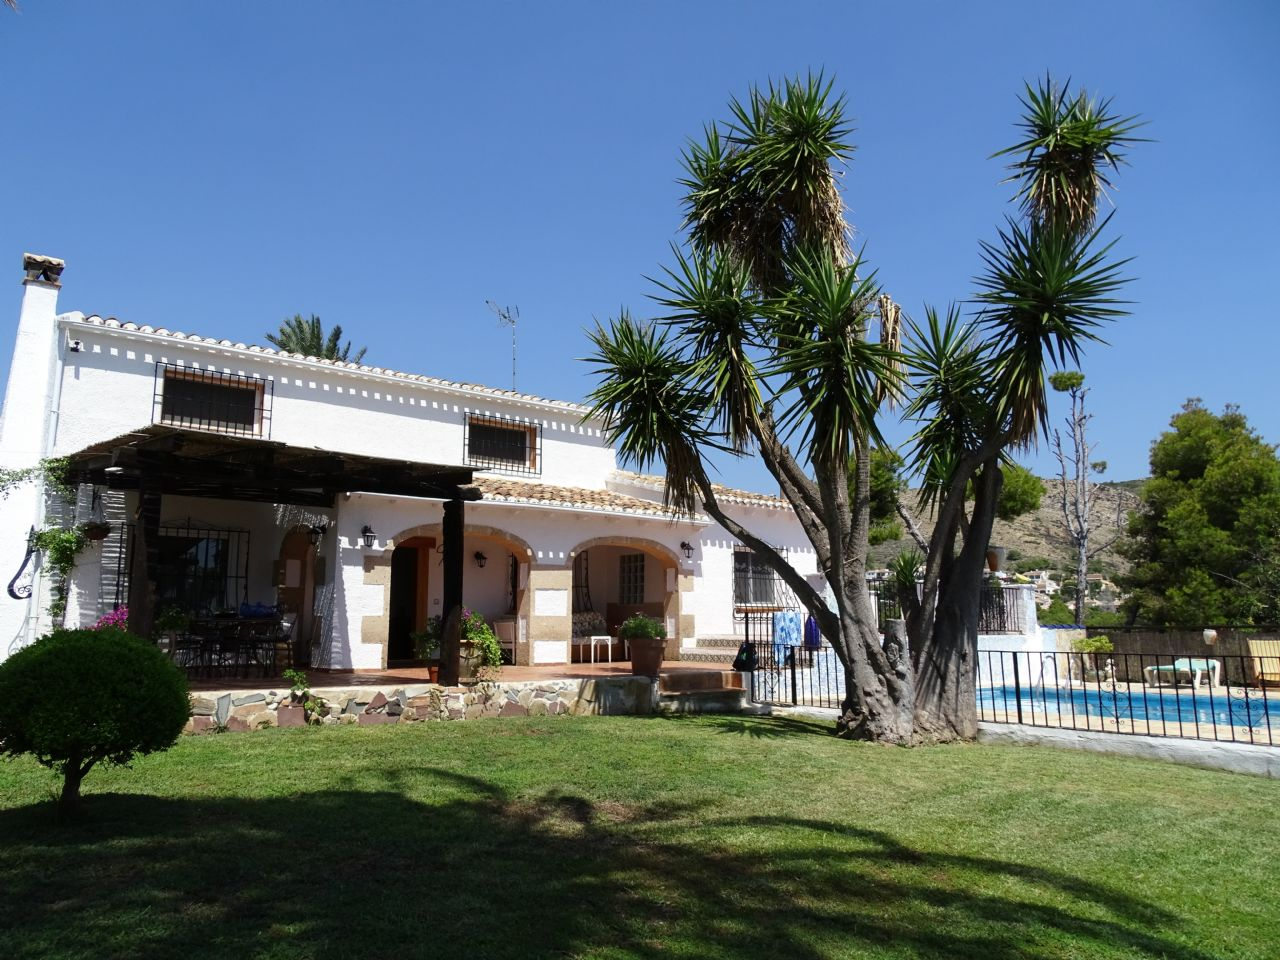 Casa / Chalet en Jávea, CASTELLANS, alquiler